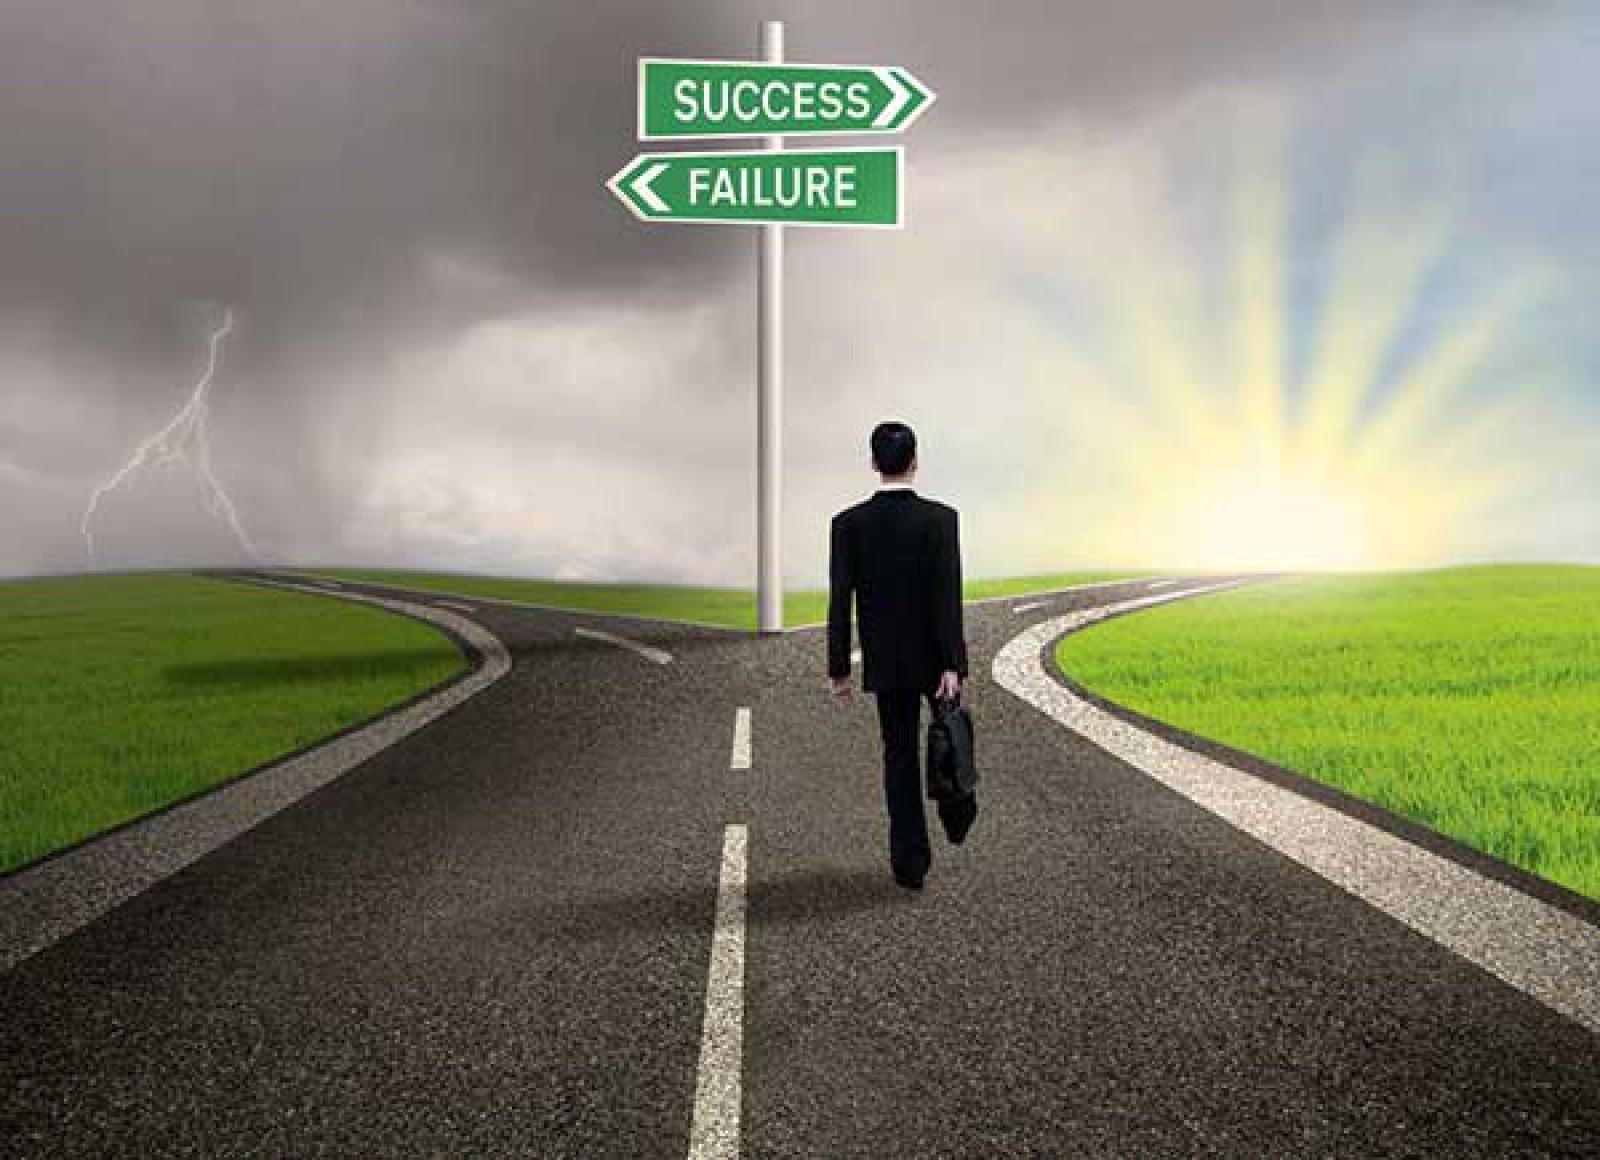 ۱۶ علت اصلی که موجب شکست شما در رسیدن به اهداف می شوند+اینفوگرافیک